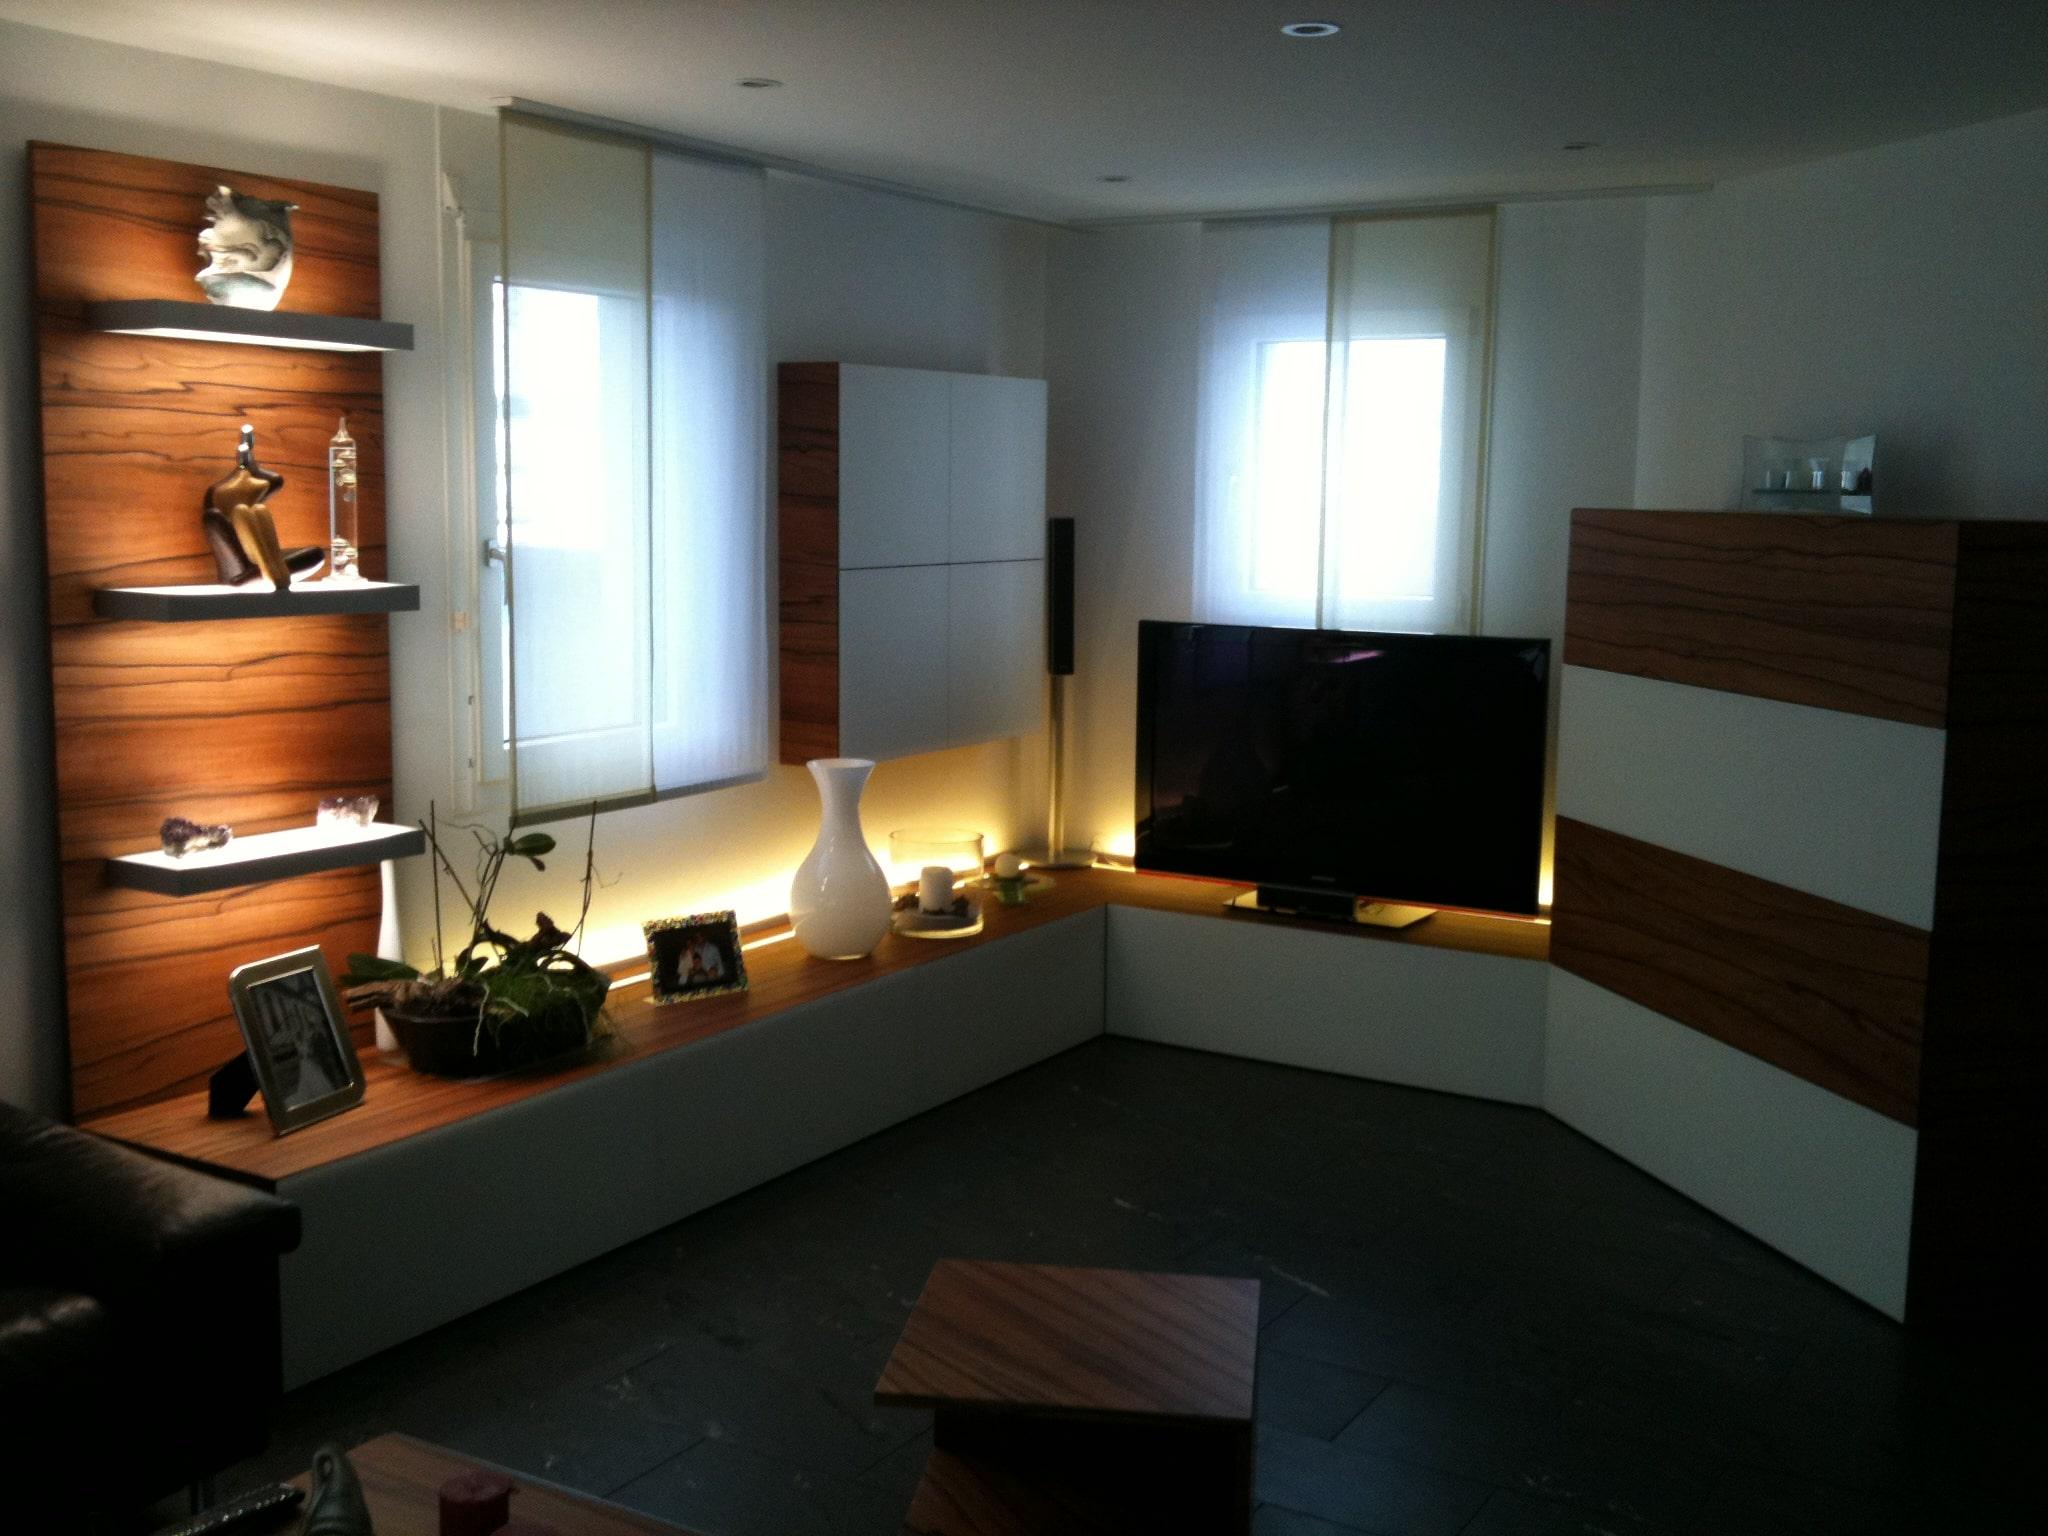 Wooddesign_Holzleuchten_LED-Beleuchtung_Licht_Indirekte Beleuchtung_Direkte Beleuchtung_Holzdesign (7)-min